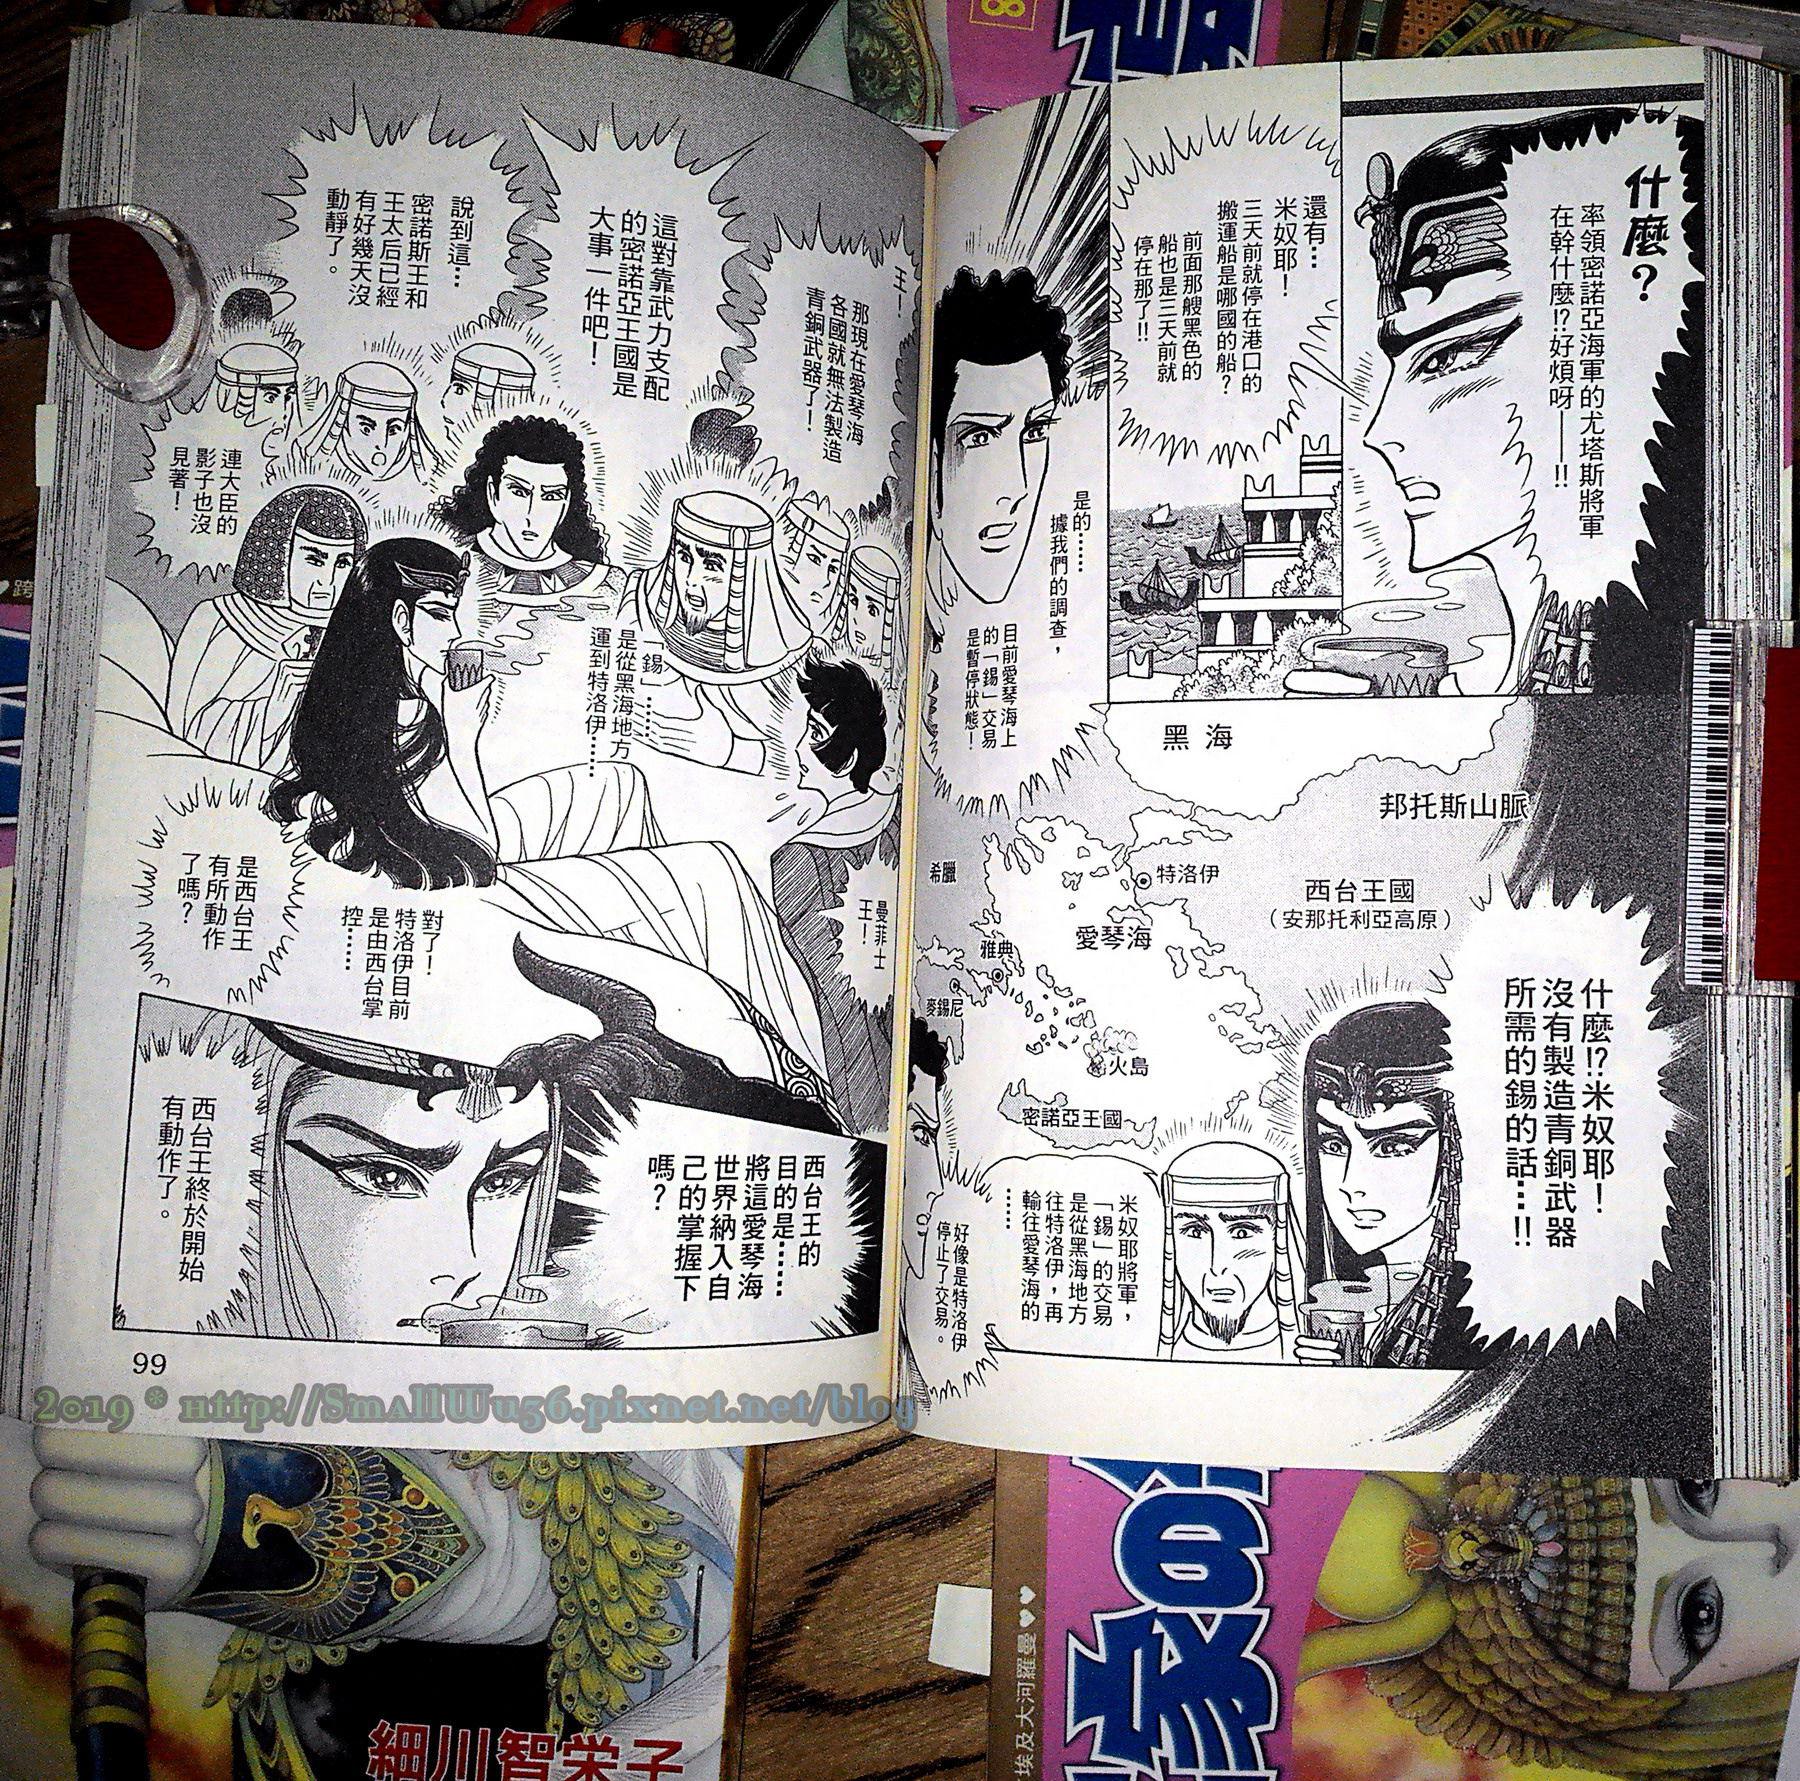 細川智榮子-王家的紋章(尼羅河女兒) 39-44 (長鴻)  vol_40.jpg